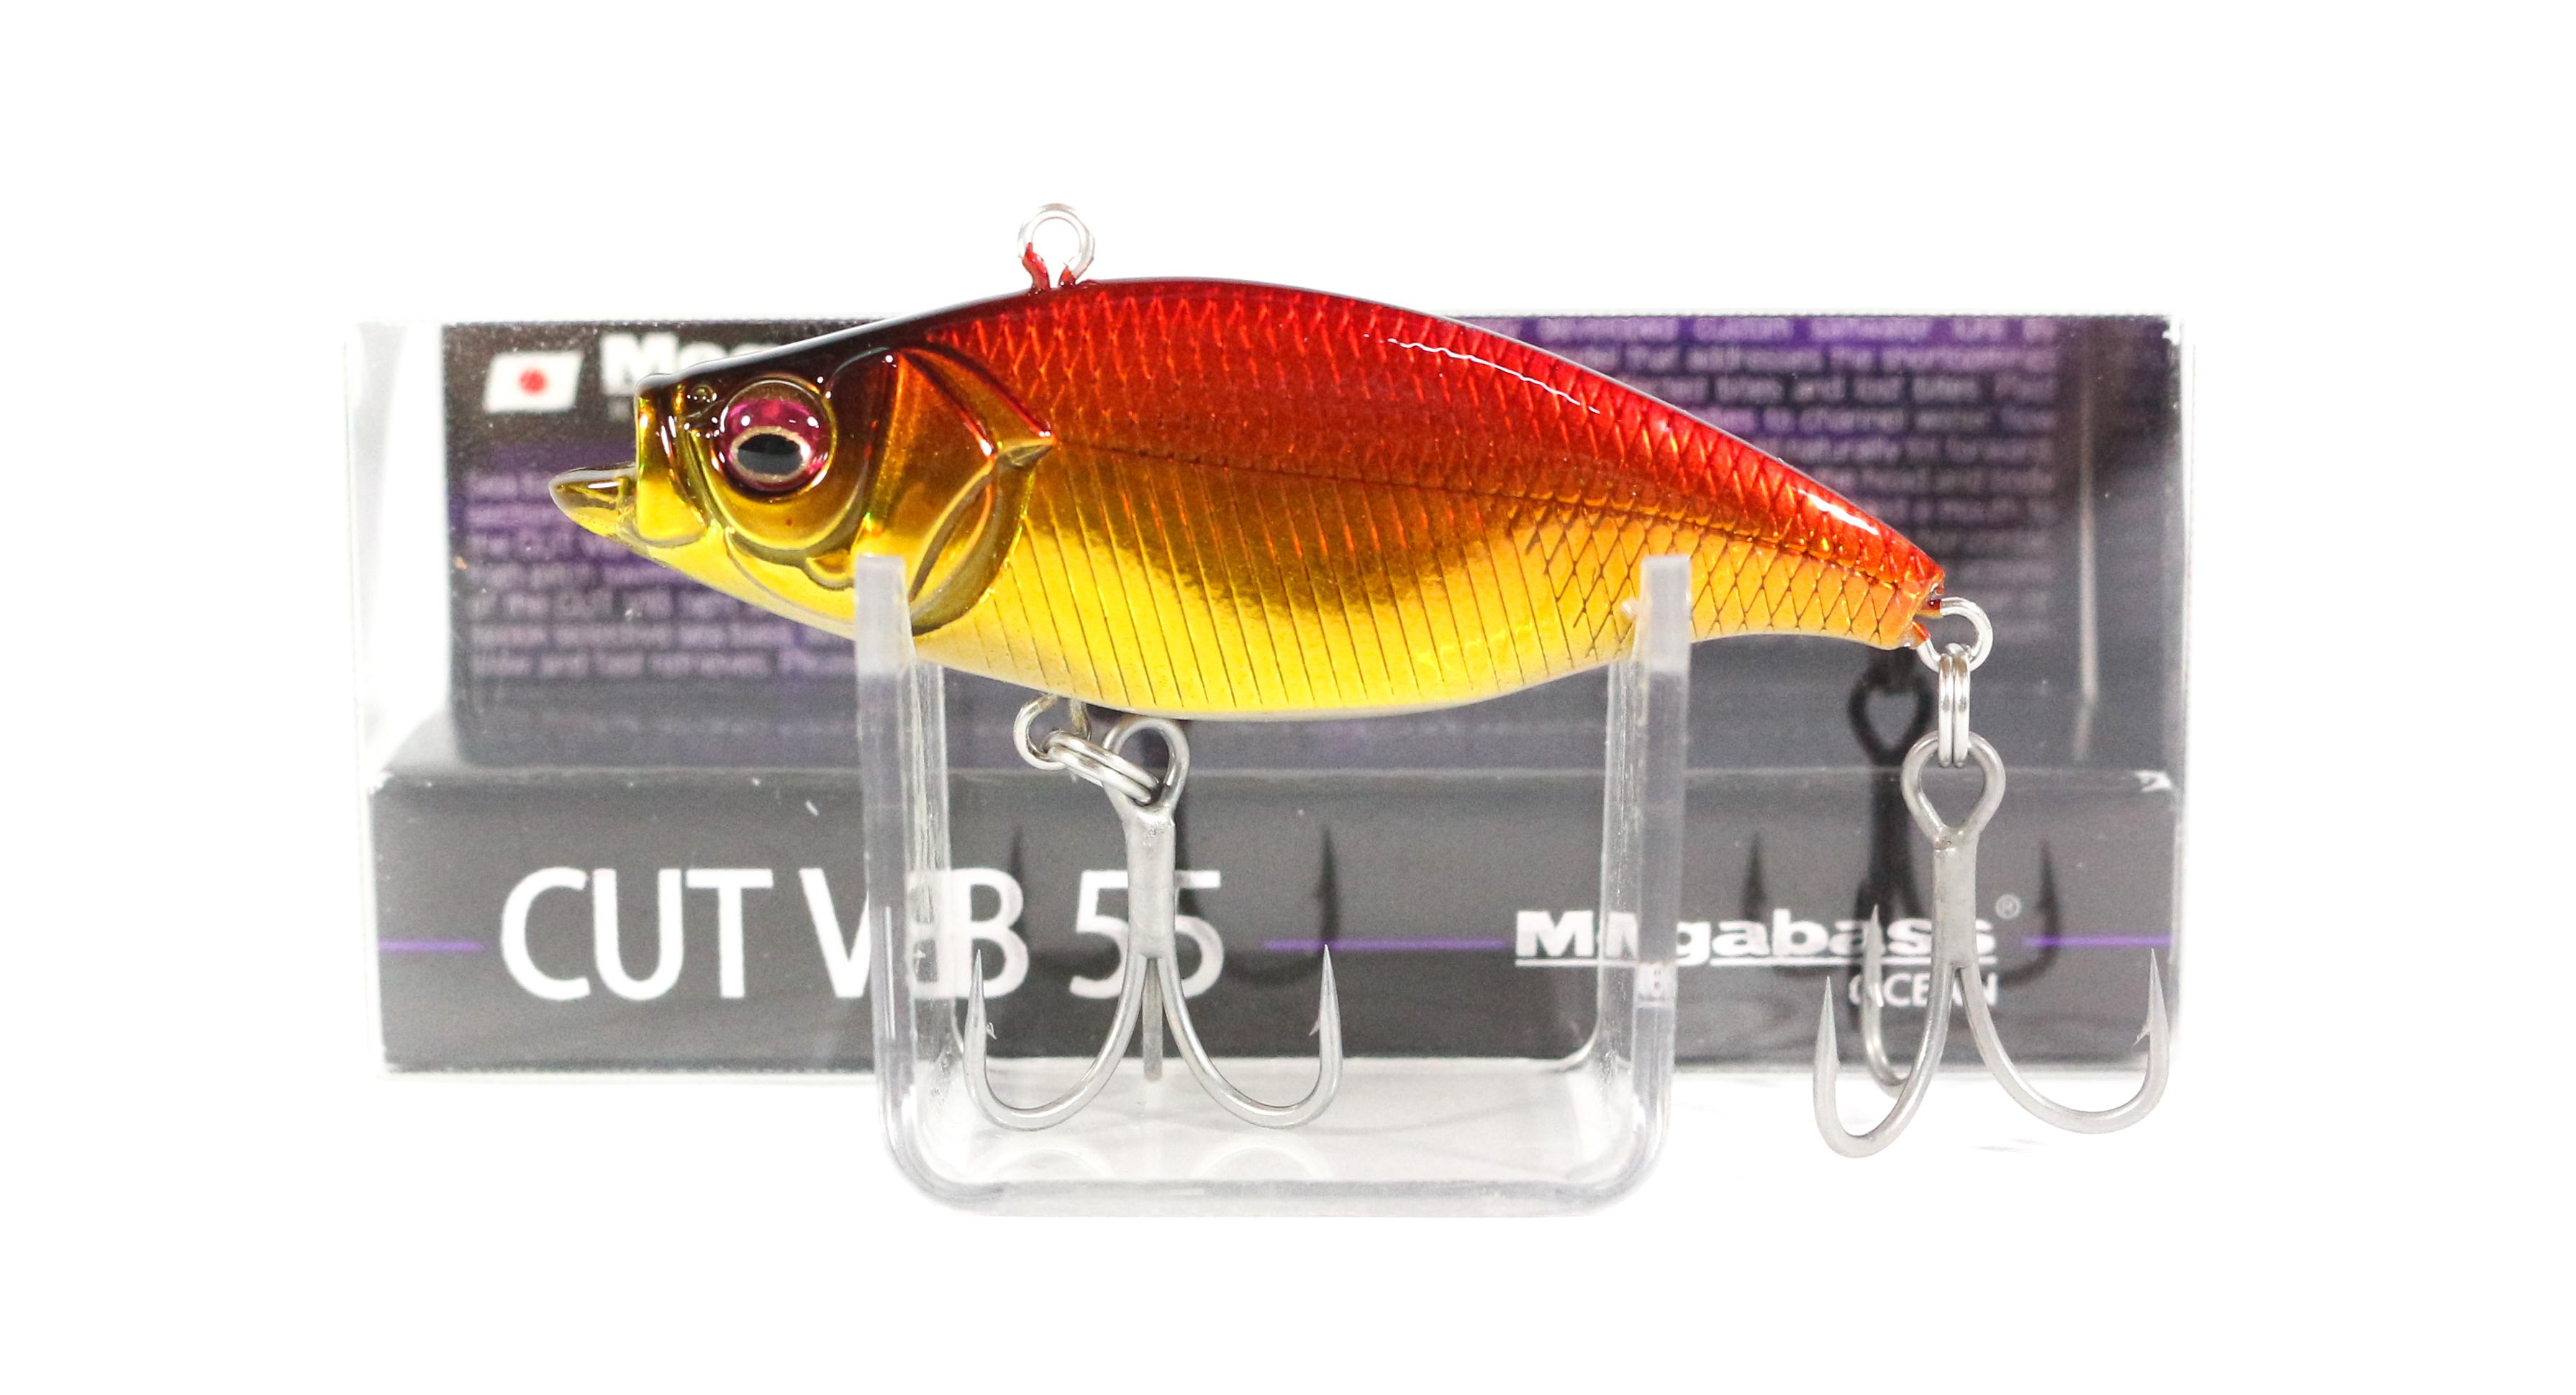 Megabass Cut Vib 55 Vibration Lure GG Kinaka (7334)